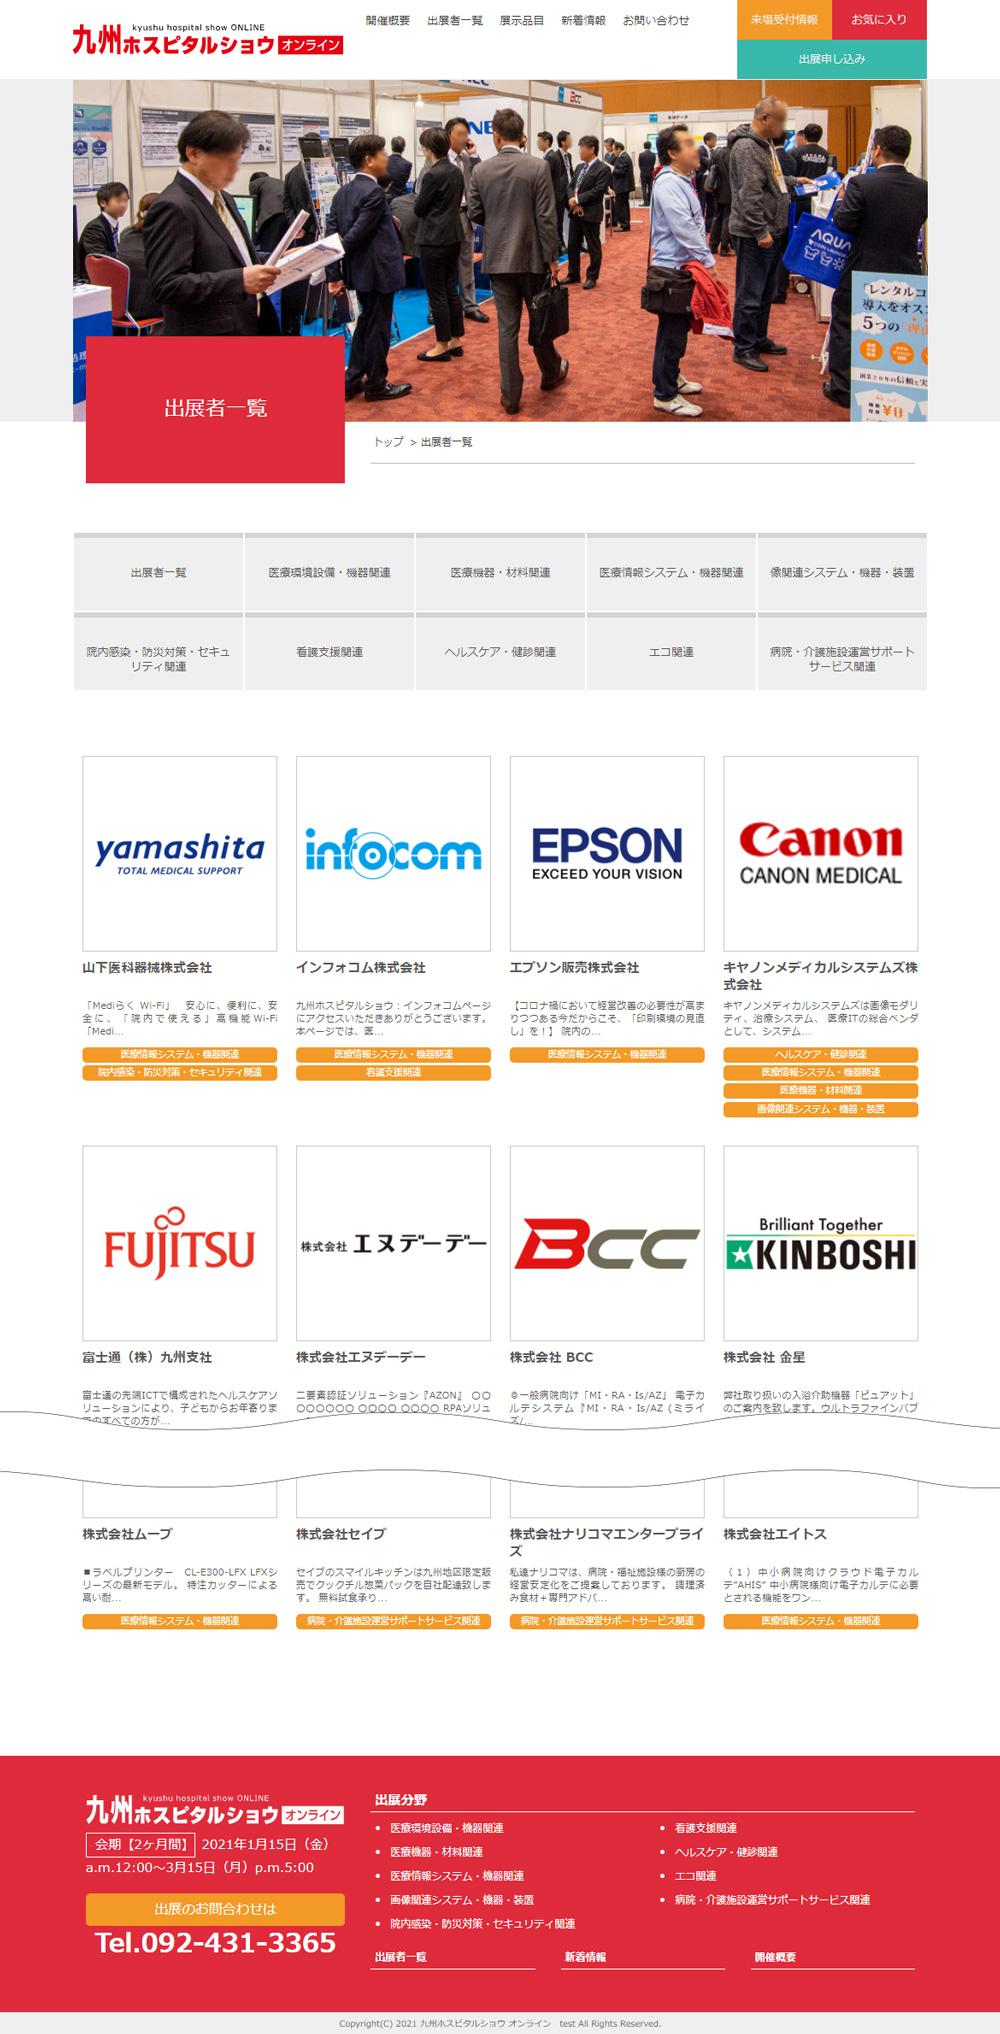 九州ホスピタルショウ -オンライン- 来場者様向けホームページ